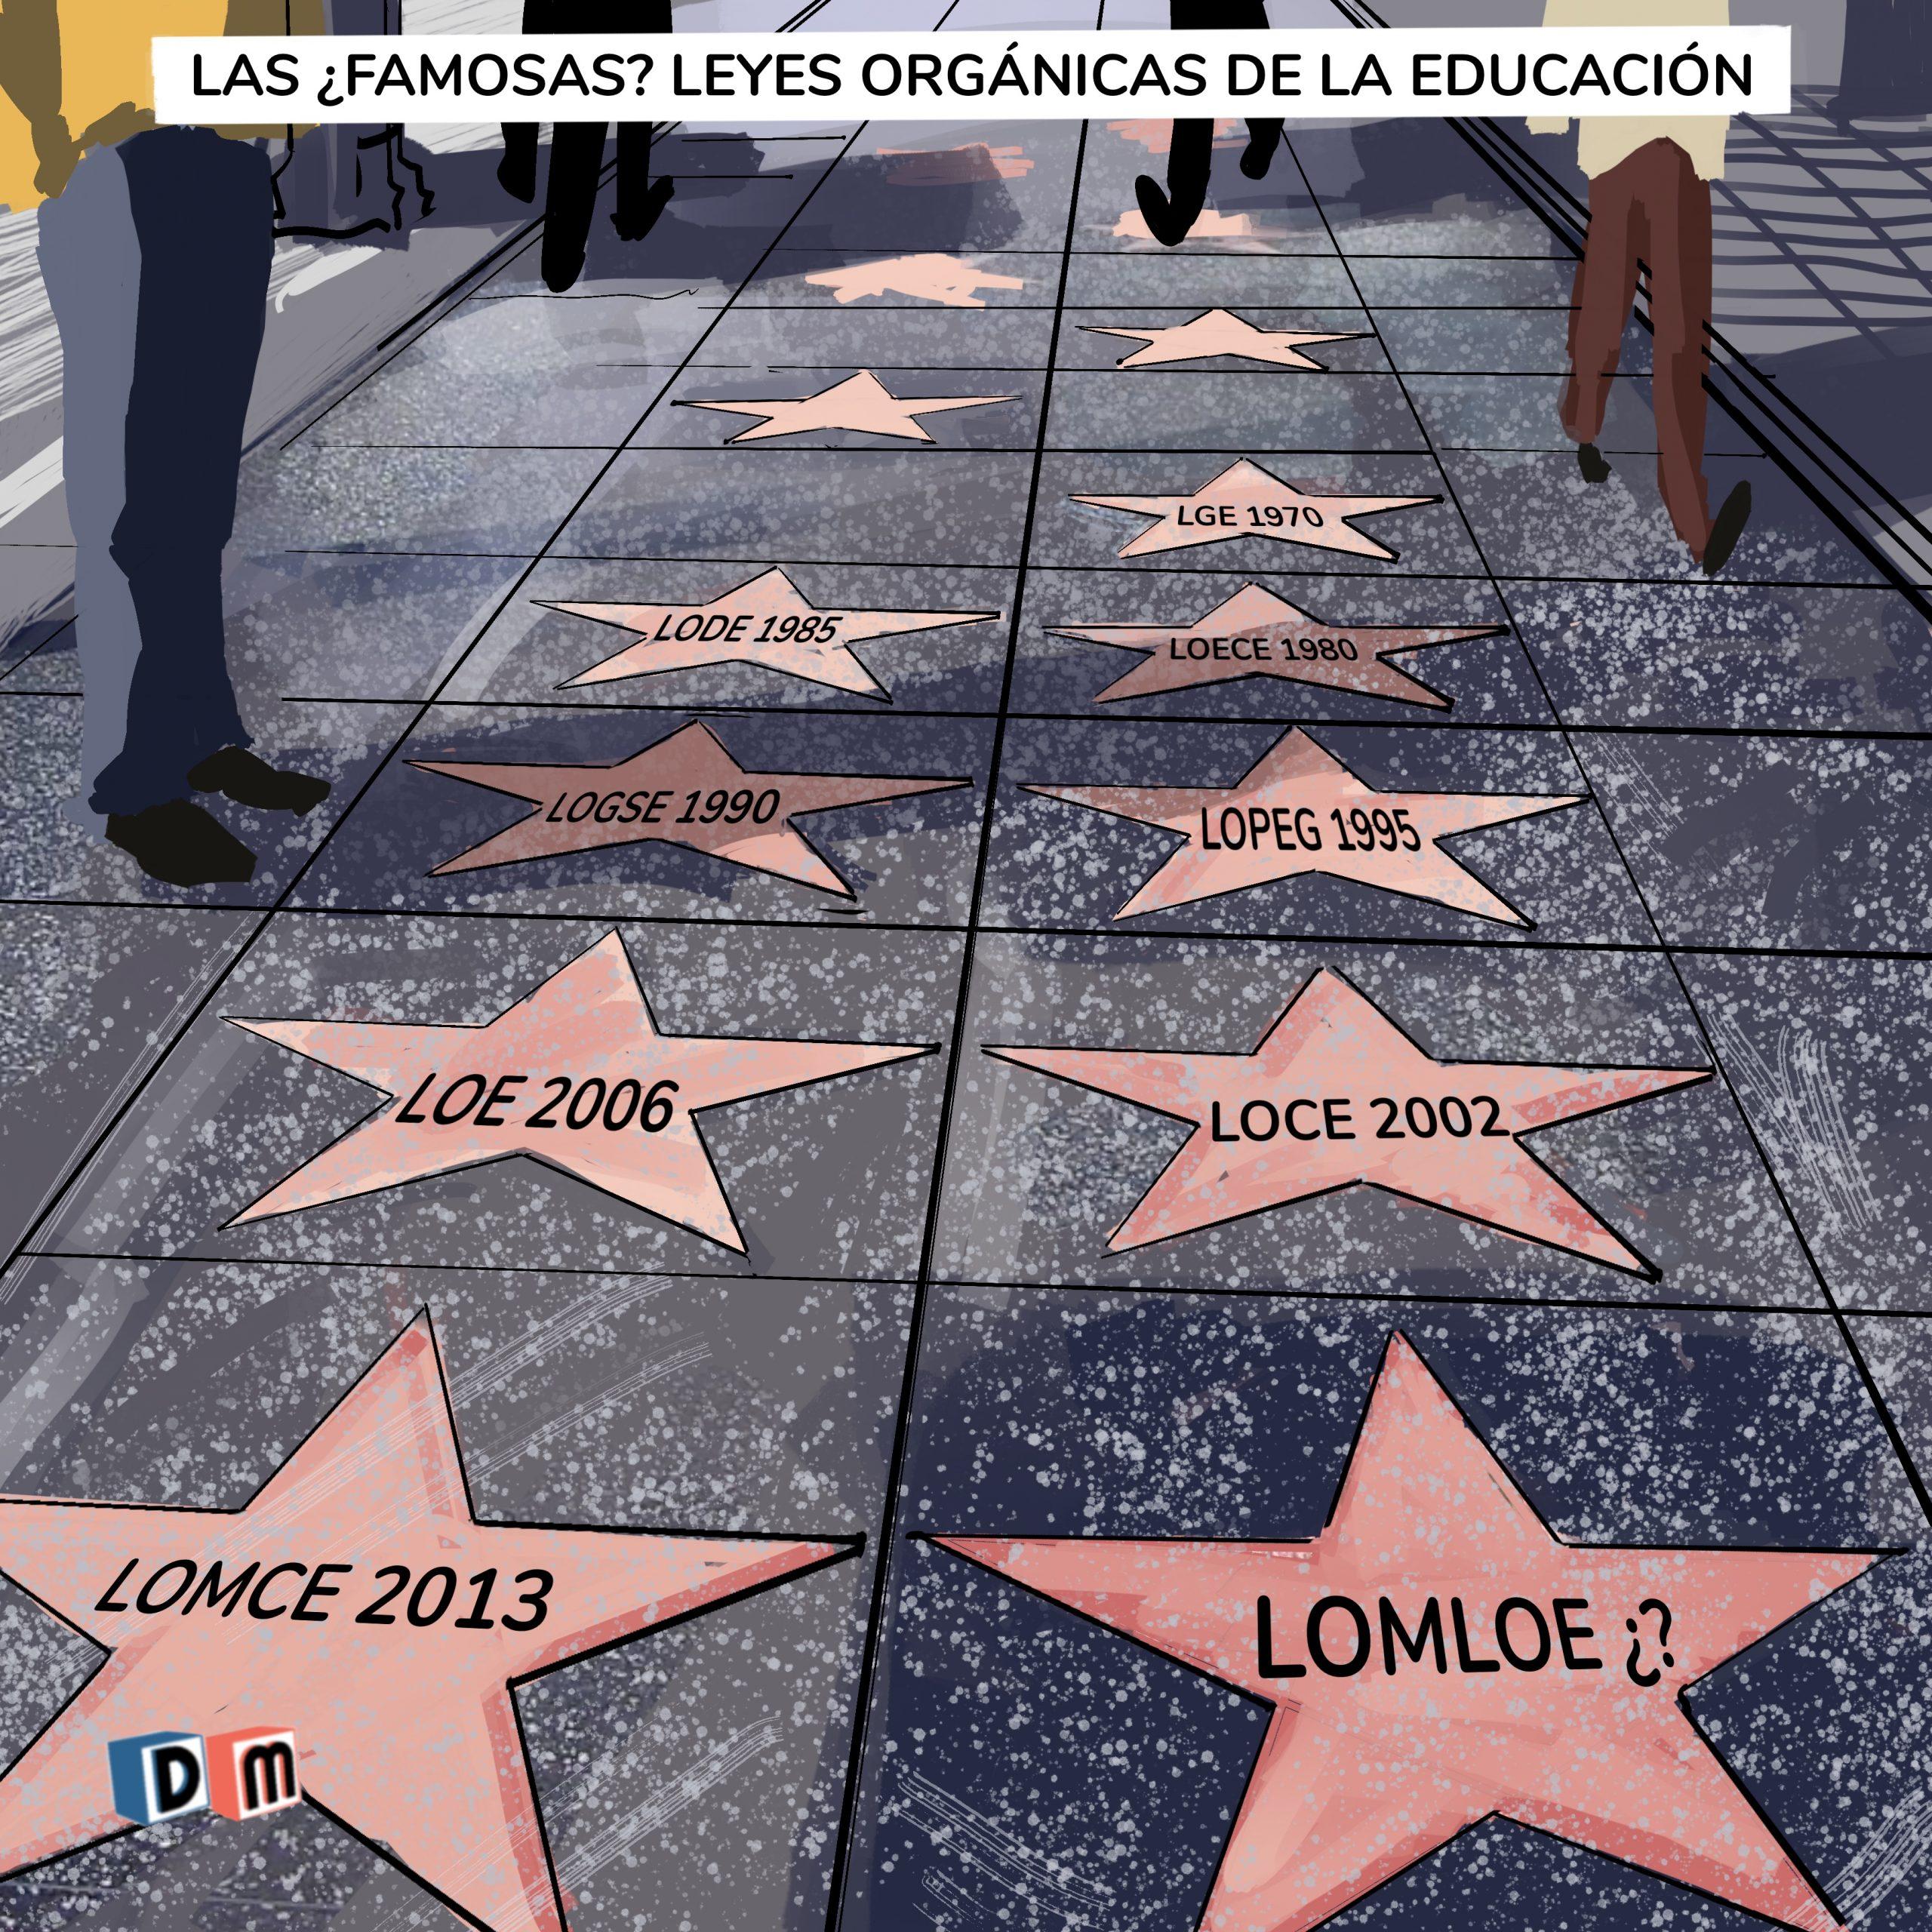 David Mora_Viñeta 29_Las ¿Famosas? leyes orgánicas de la educación